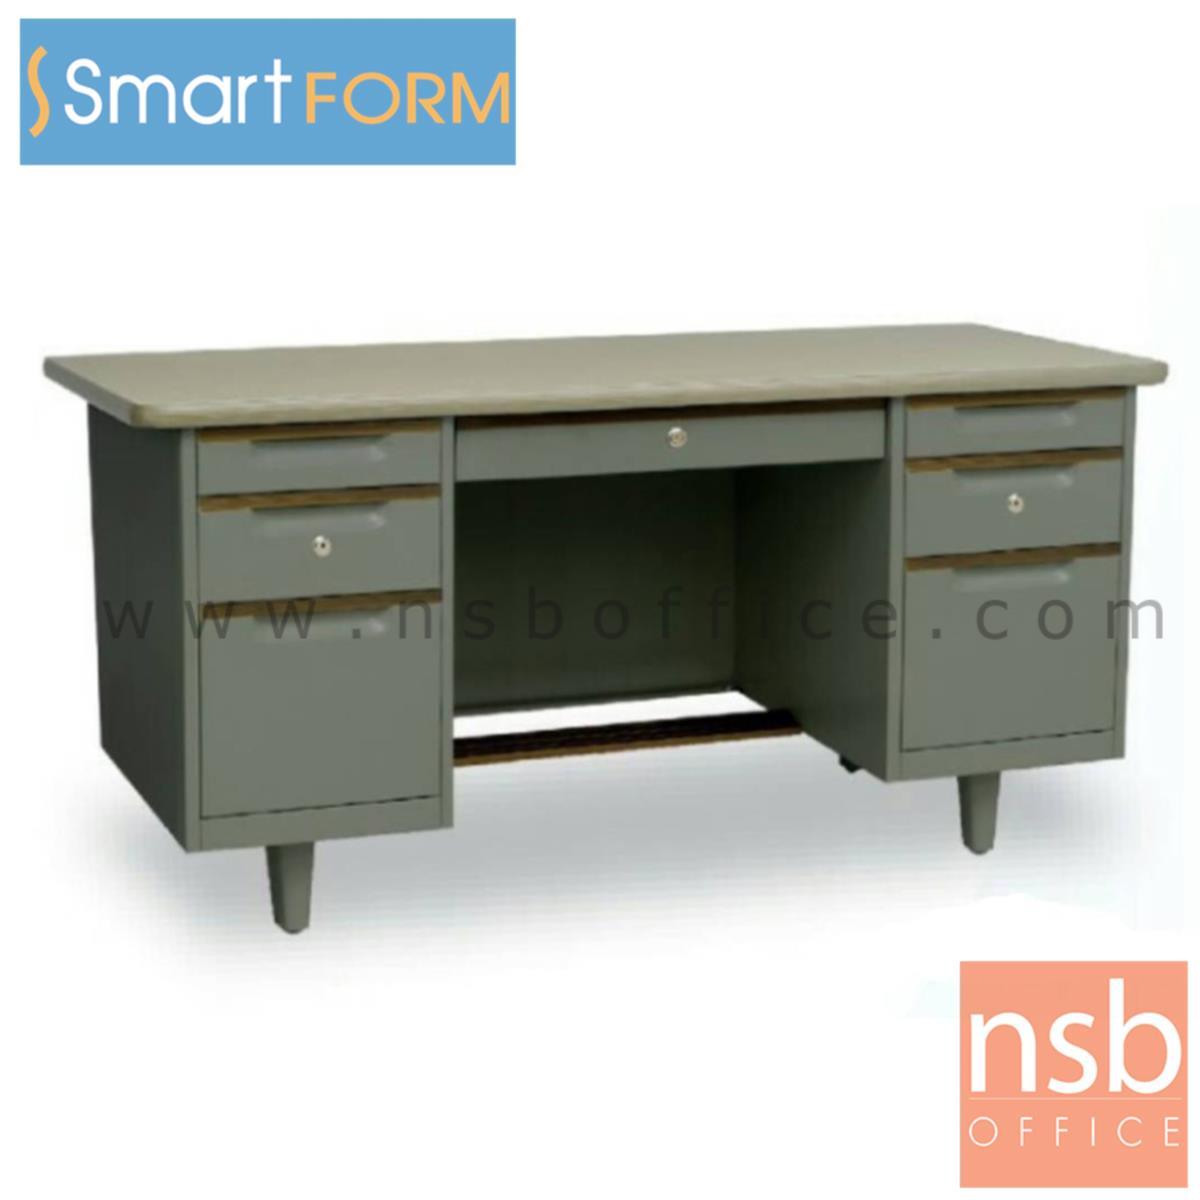 E02A052:โต๊ะทำงานเหล็ก 7 ลิ้นชัก รุ่น OD-50  ขนาด 5 ฟุต